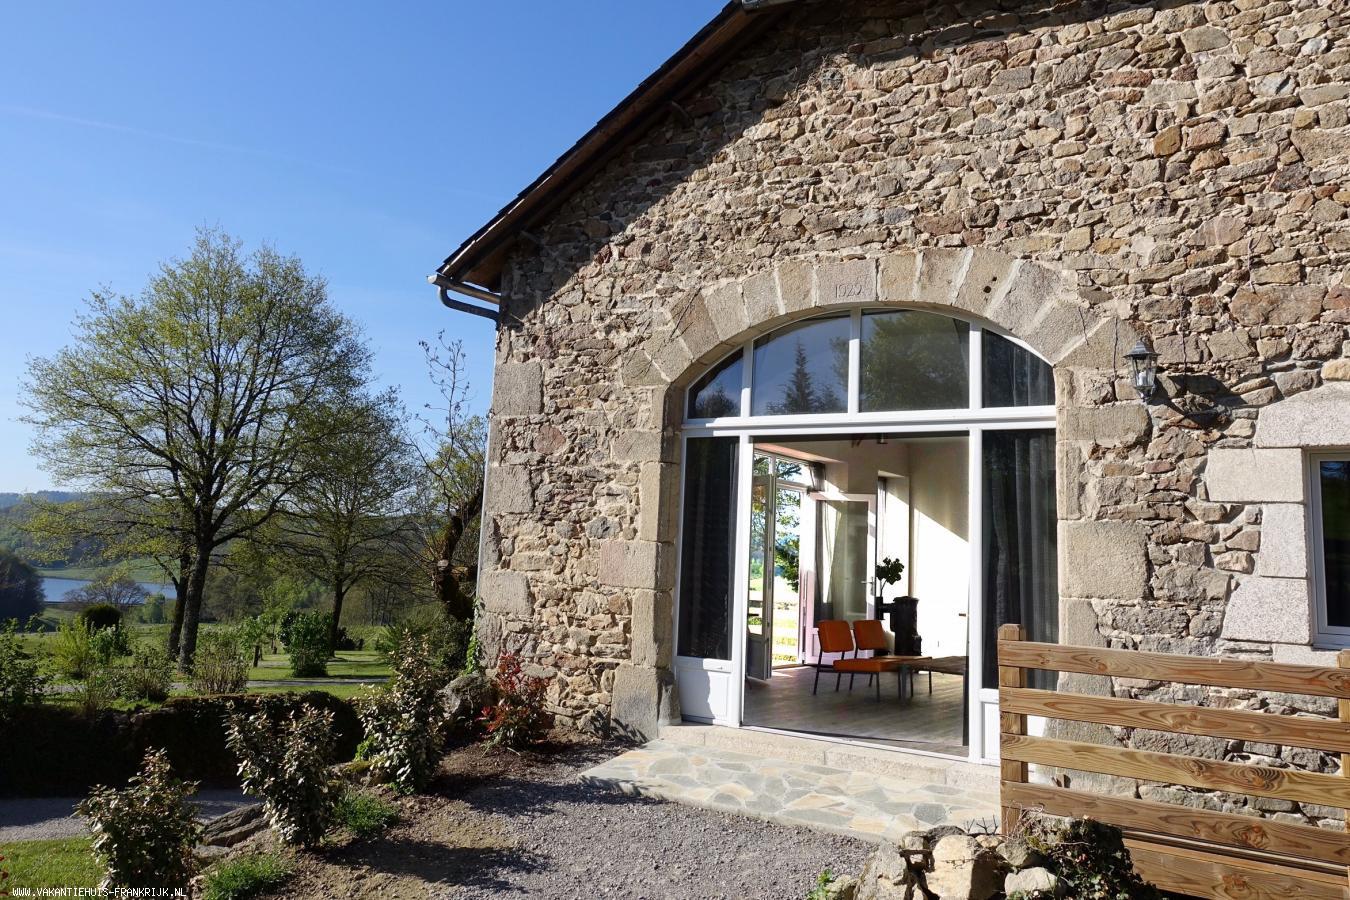 Vakantiehuis: Luxe Gîte le Seringa met prachtig uitzicht - domaine Les Teuillères te huur voor uw vakantie in Lot (Frankrijk)